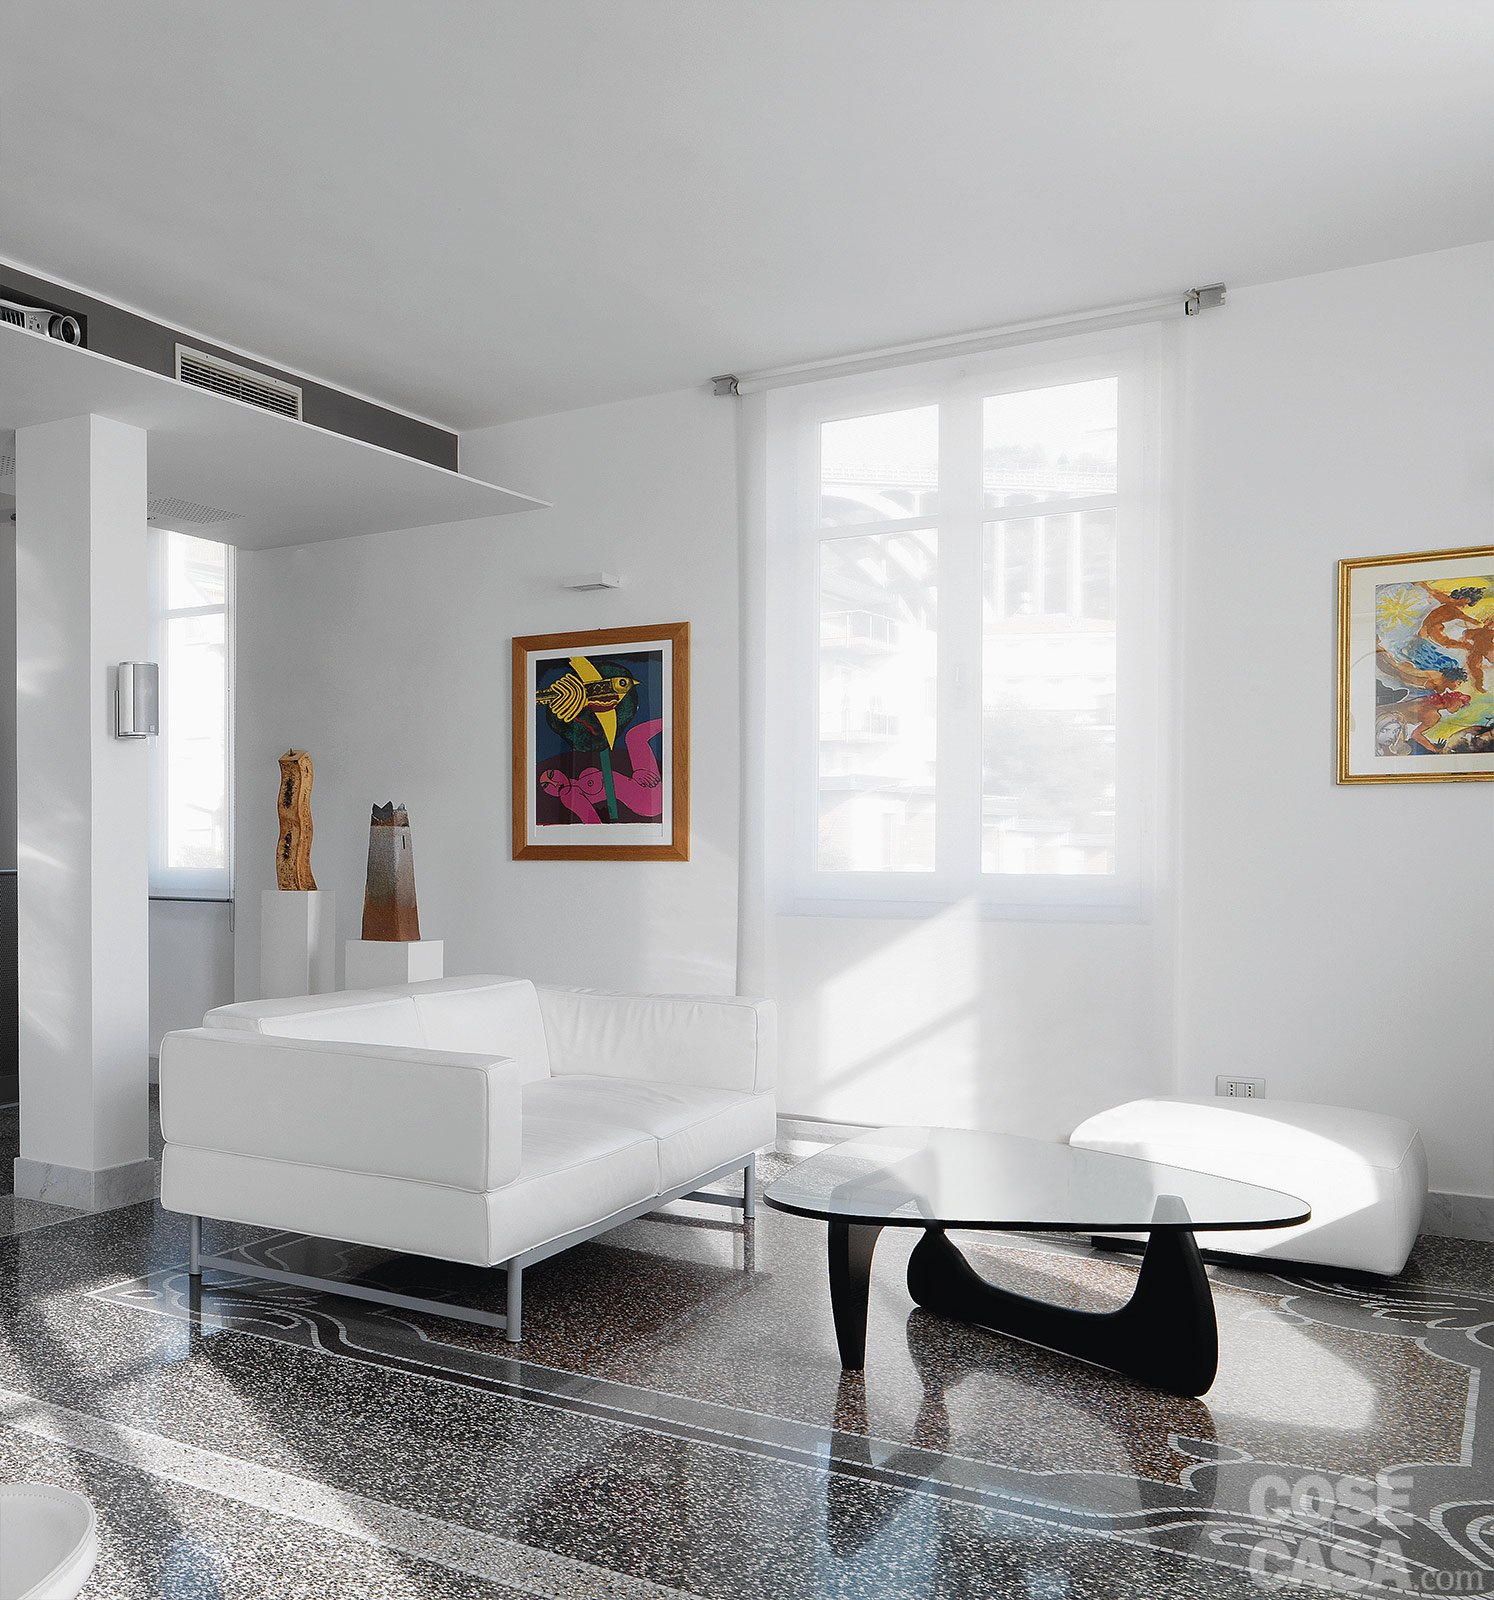 Casa soluzioni hi tech per interni anni 39 30 cose di casa for Arredamento d epoca